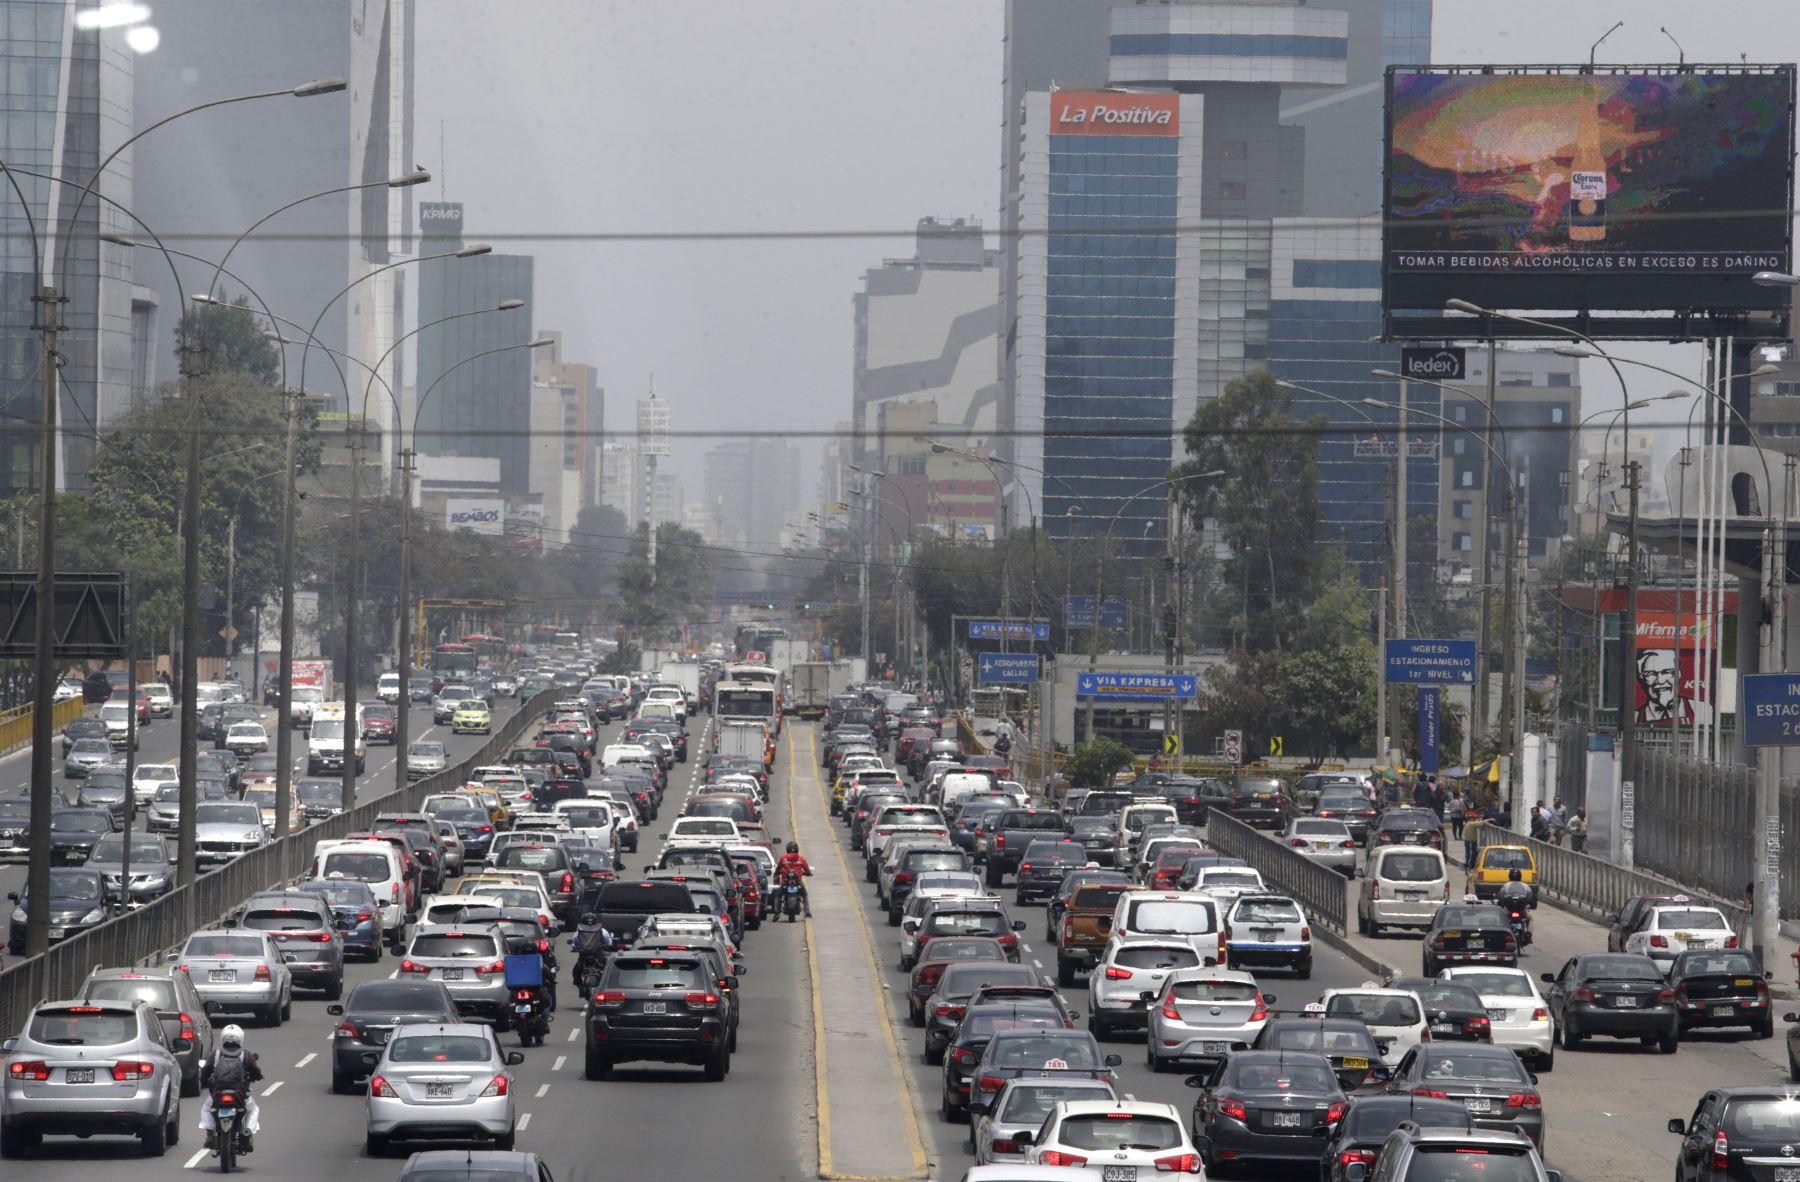 aap-venta-de-vehiculos-livianos-se-recupero-en-el-2019-creciendo-242